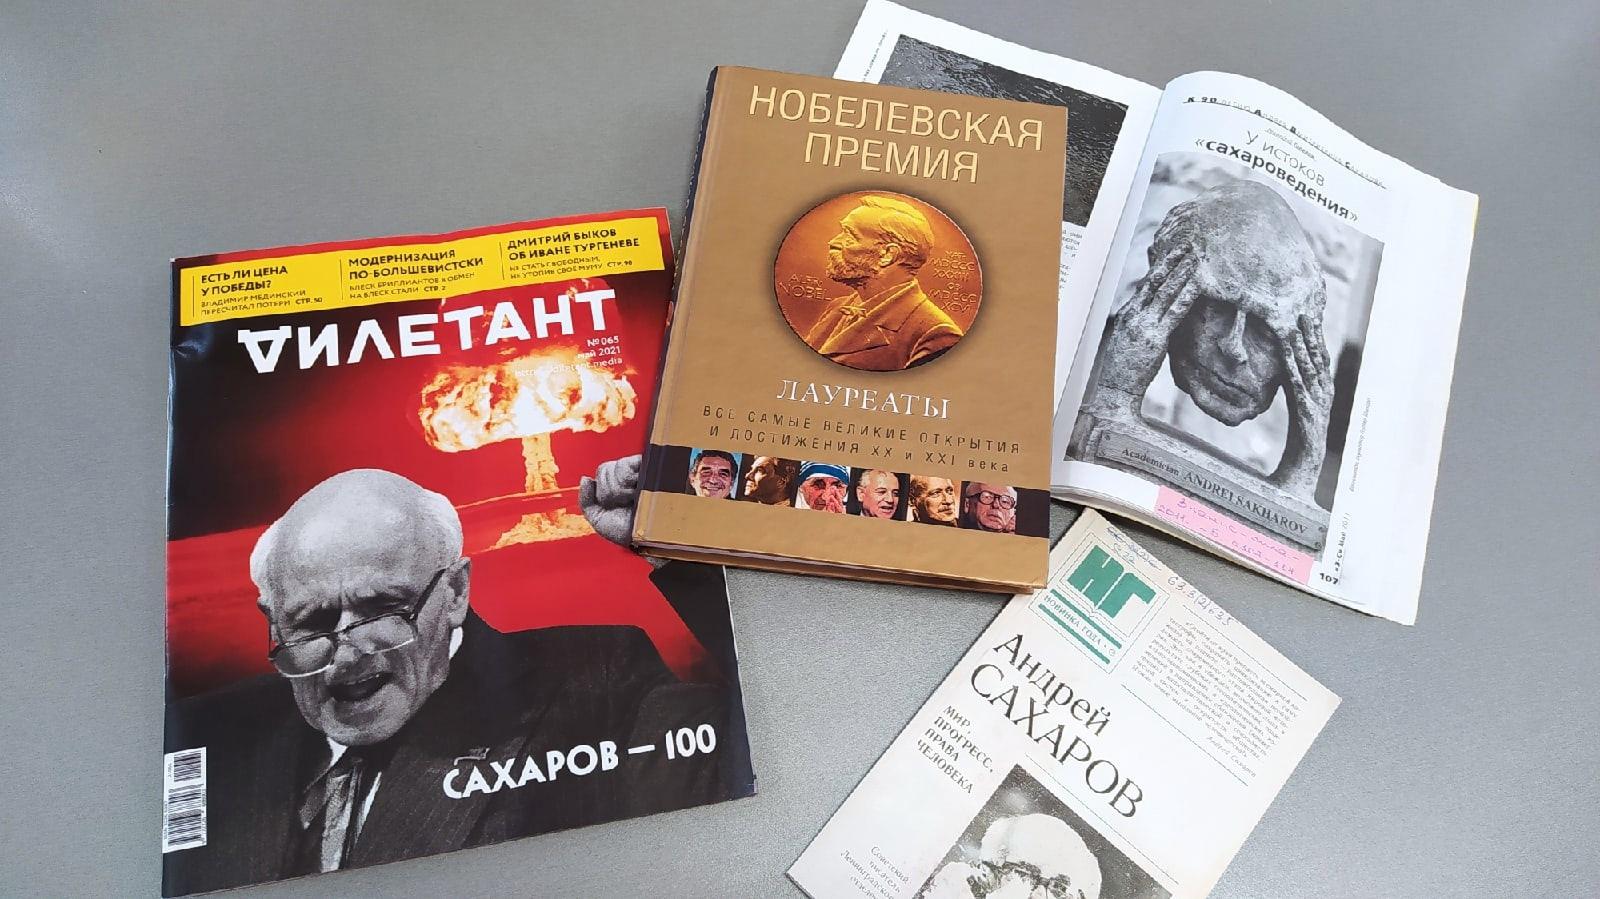 В читальном зале в мае работает выставка-юбилей «Мир, прогресс, права человека», посвященная 100-летию Андрея Дмитриевича Сахарова.